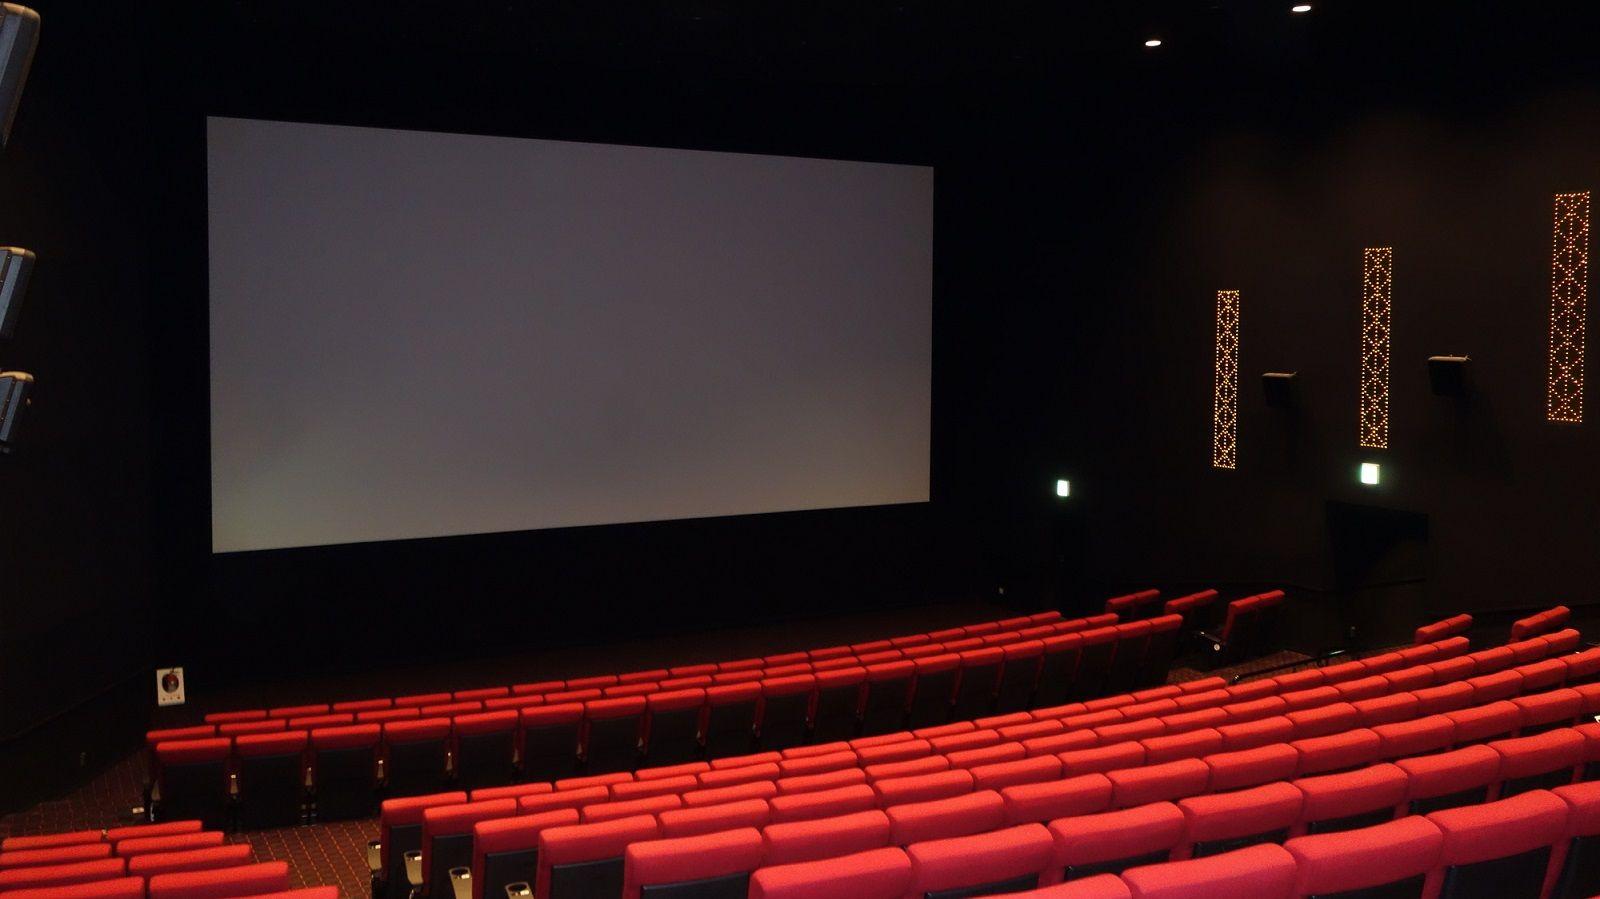 劇場公開か配信か」で揺れる映画界のジレンマ | 映画・音楽 | 東洋経済 ...